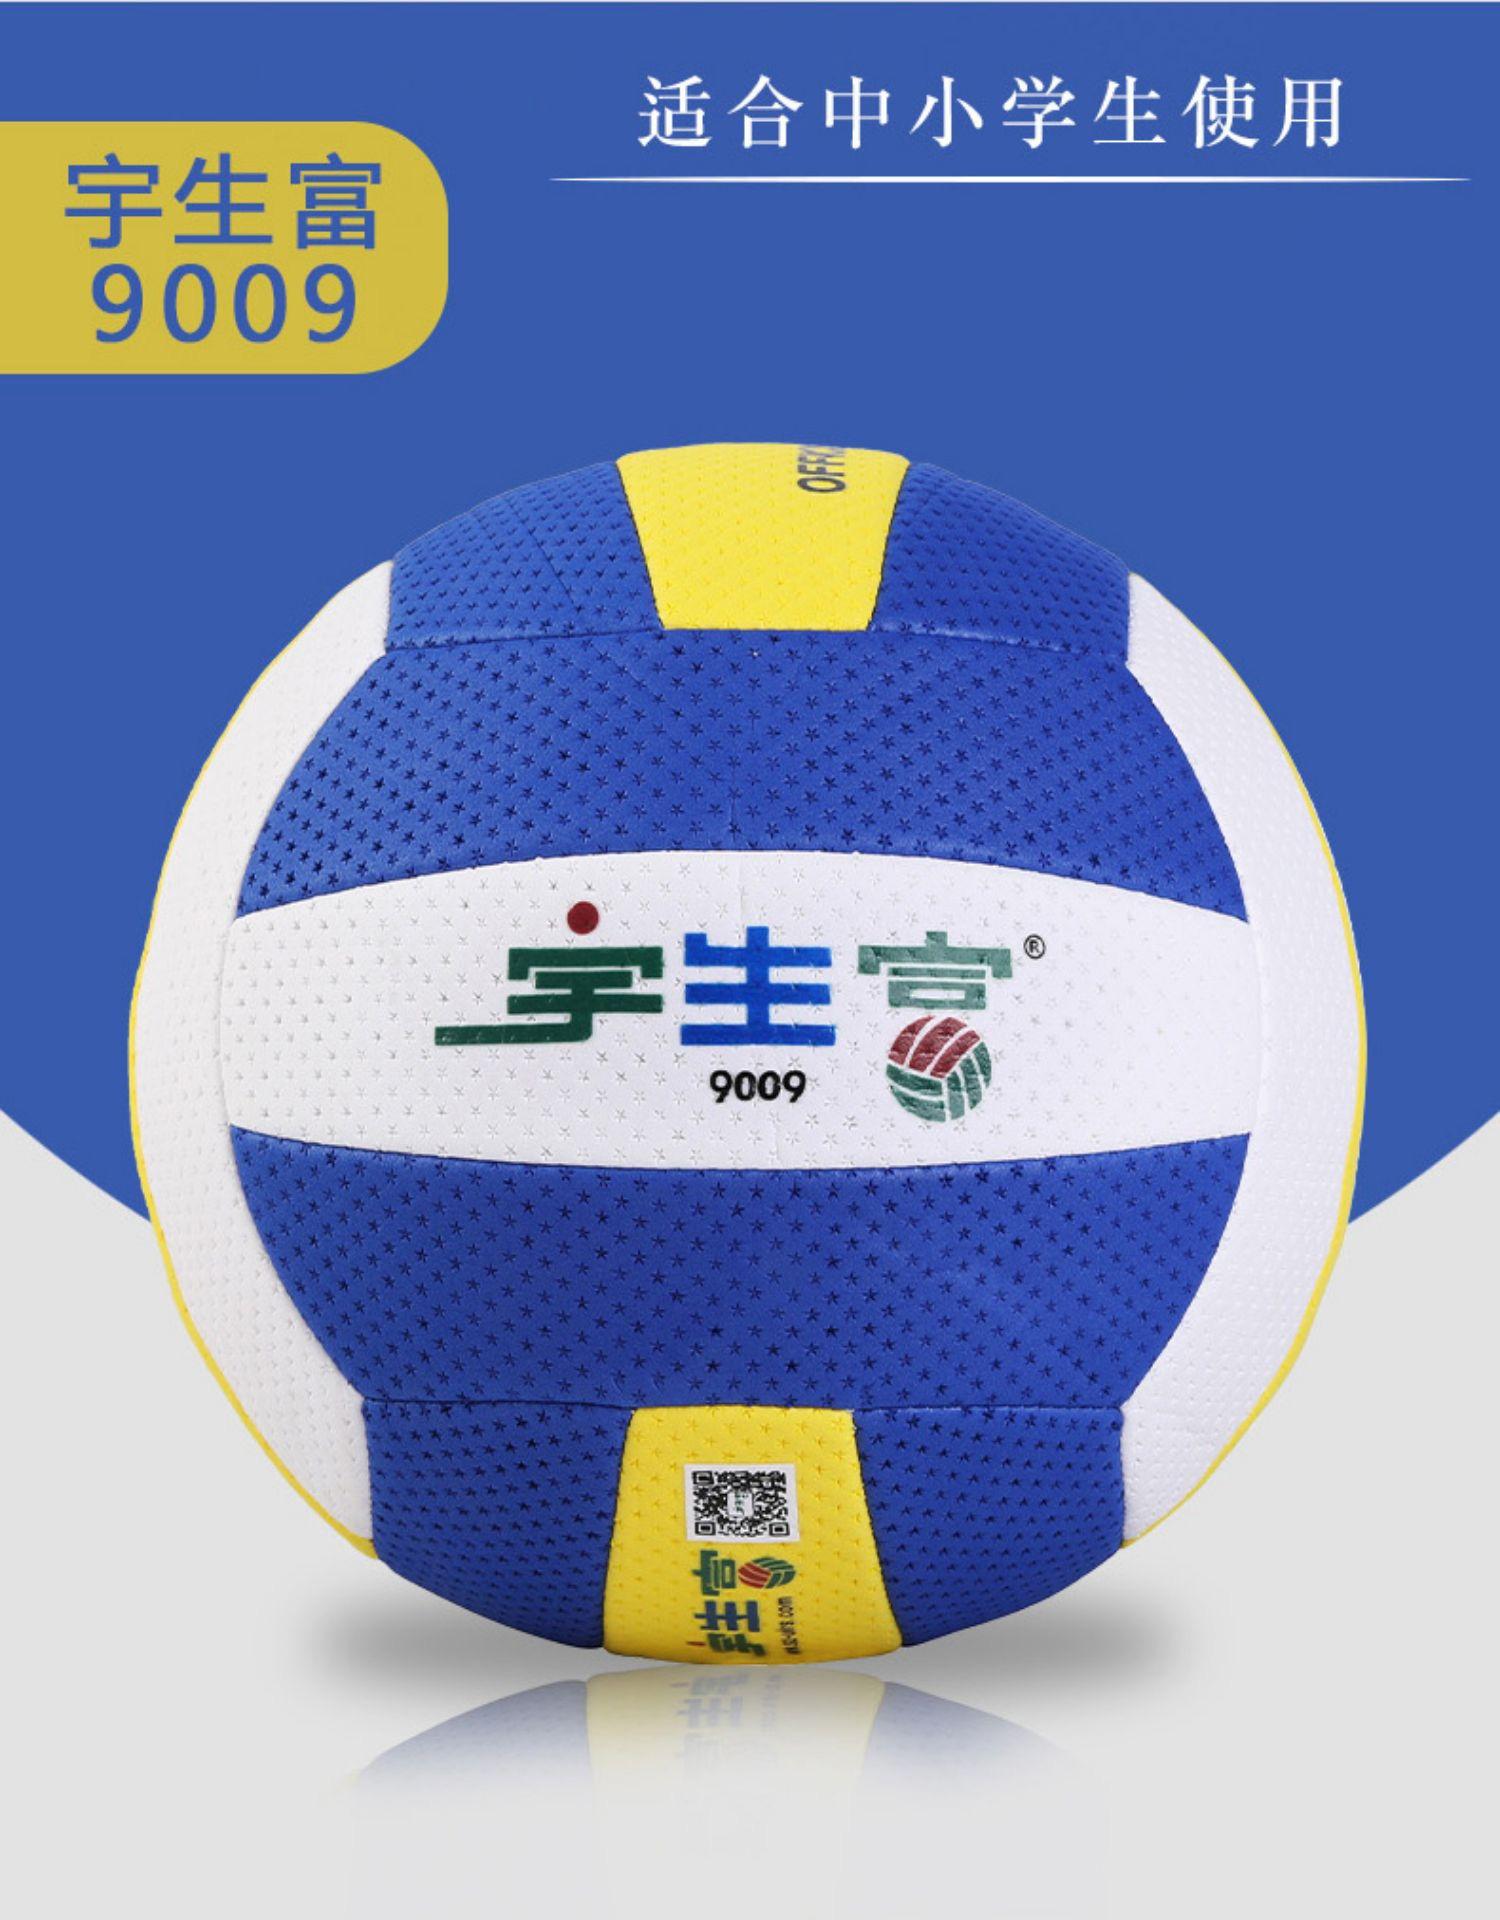 新款气排球9009 5号球中考专用五号排球标准大学生比赛用球